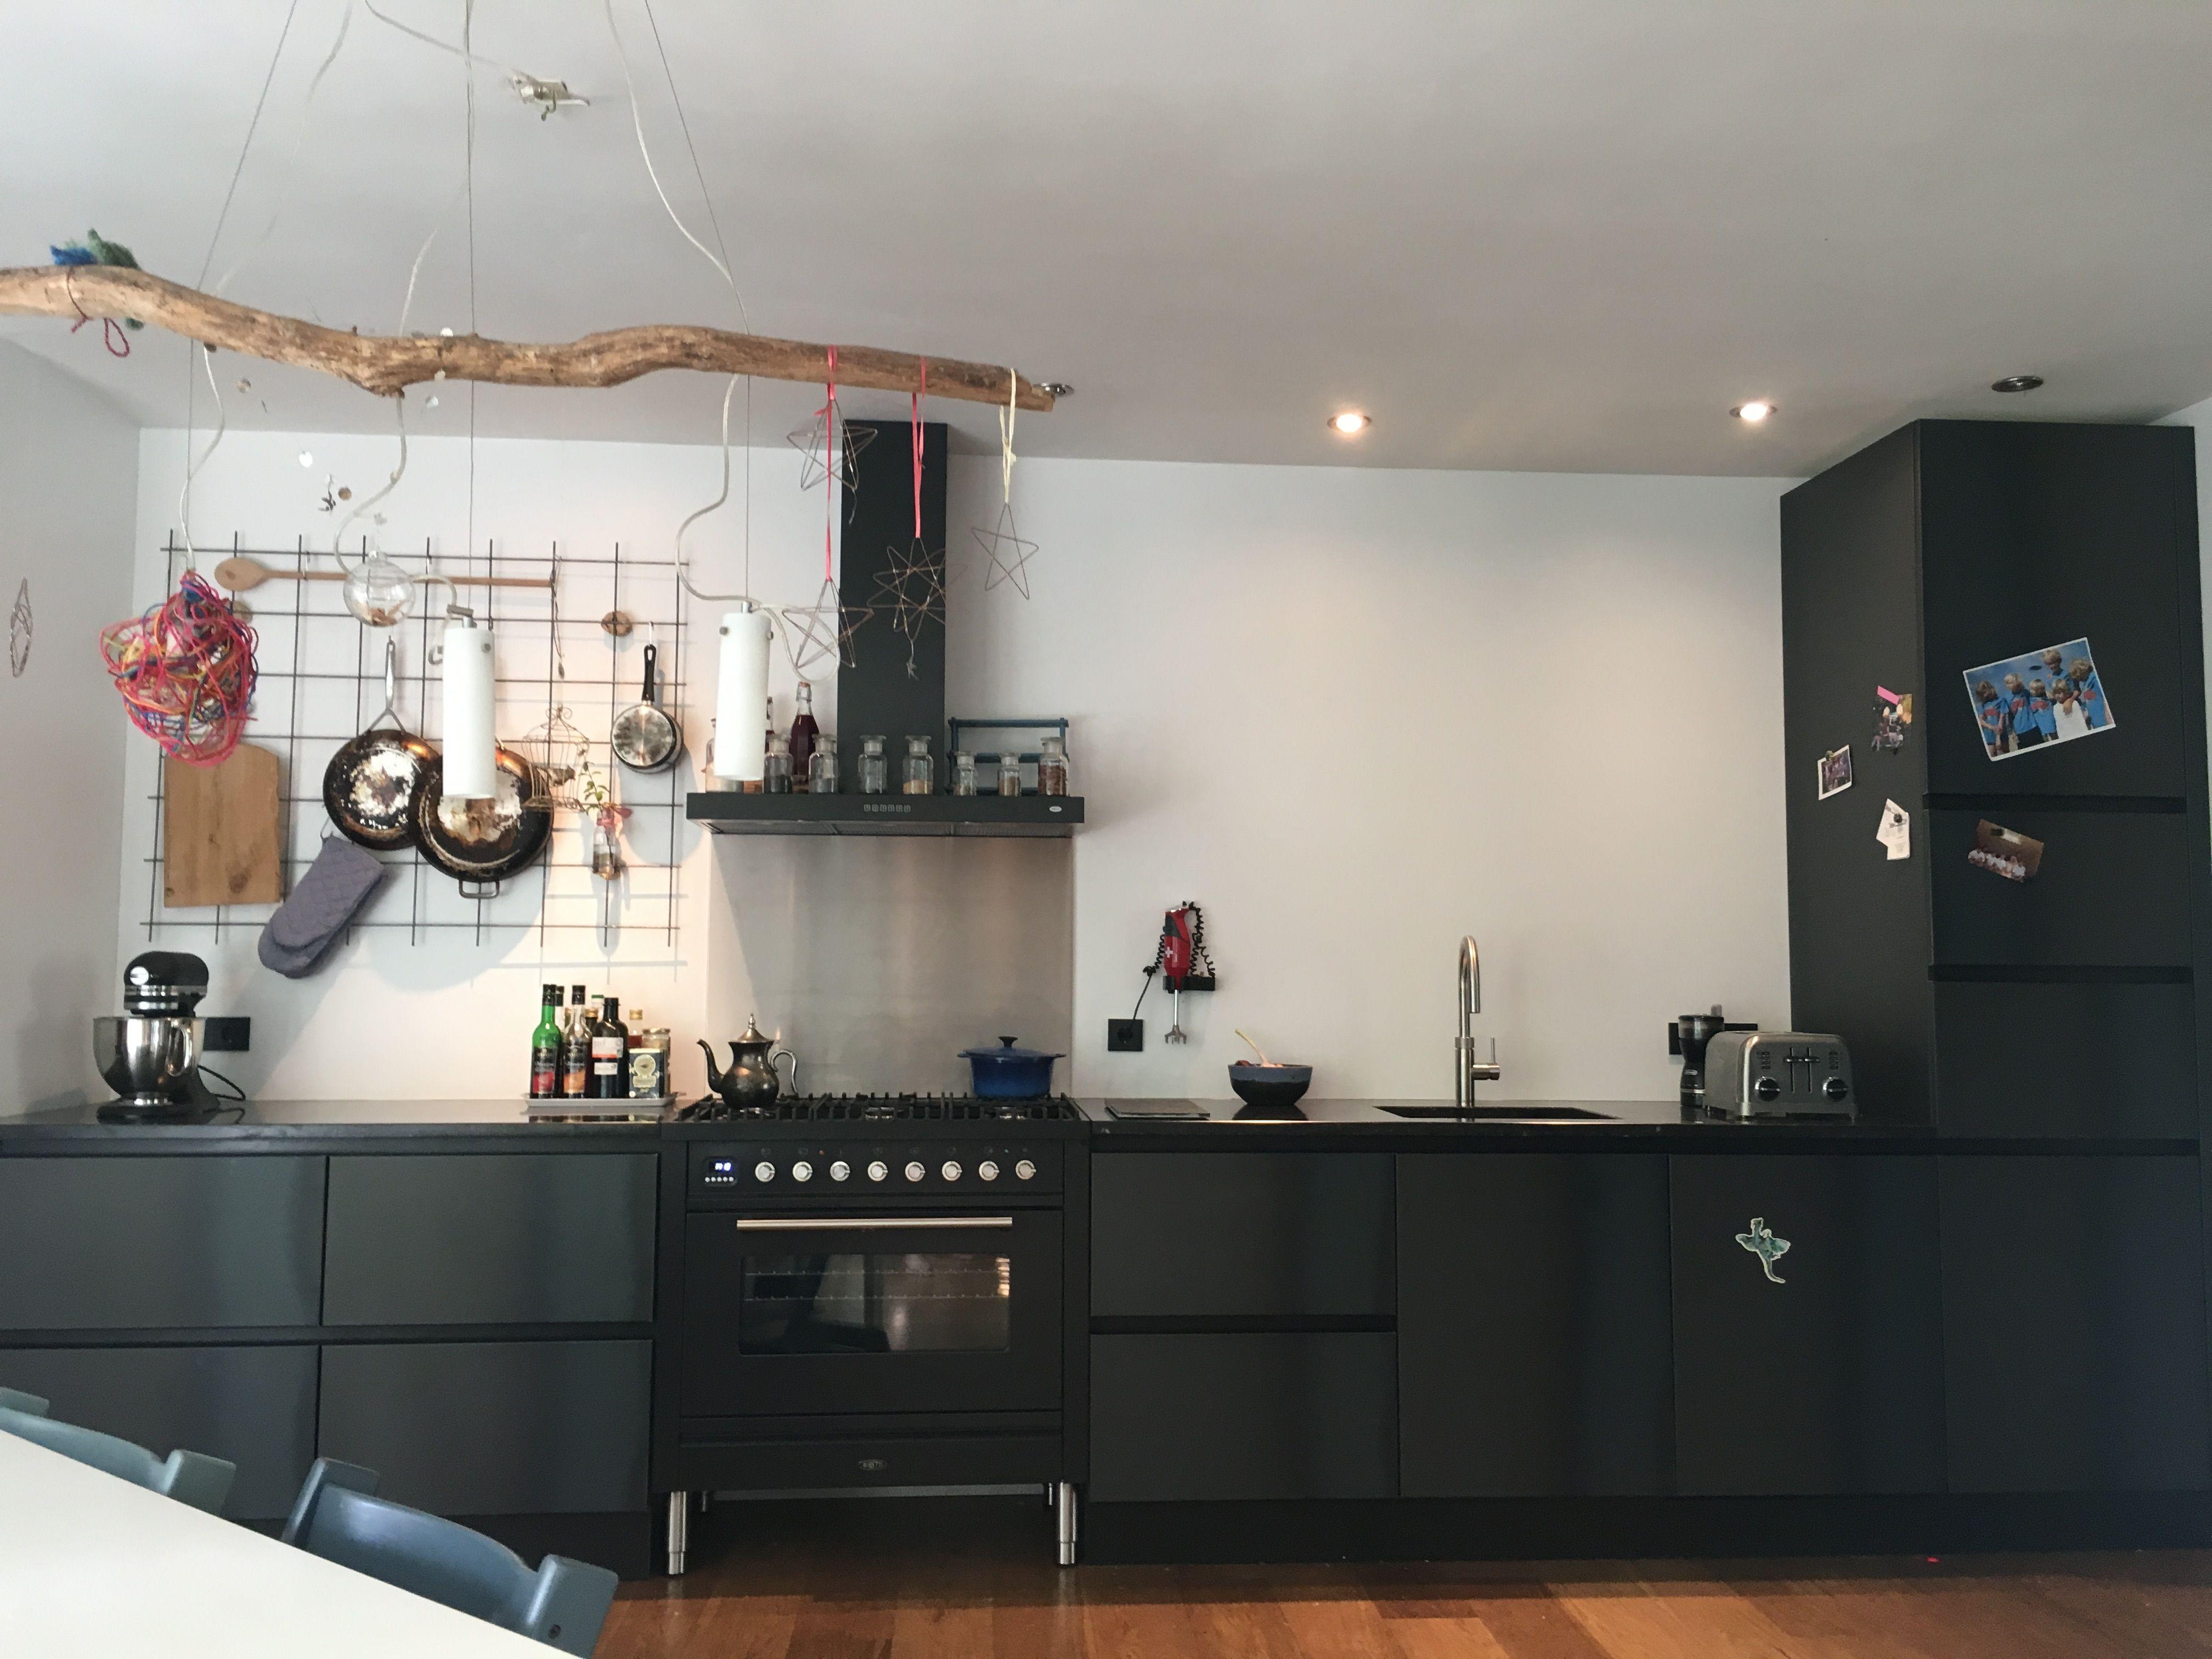 Blauwstaal zwarte keuken matzwart stalen keukenkastjes